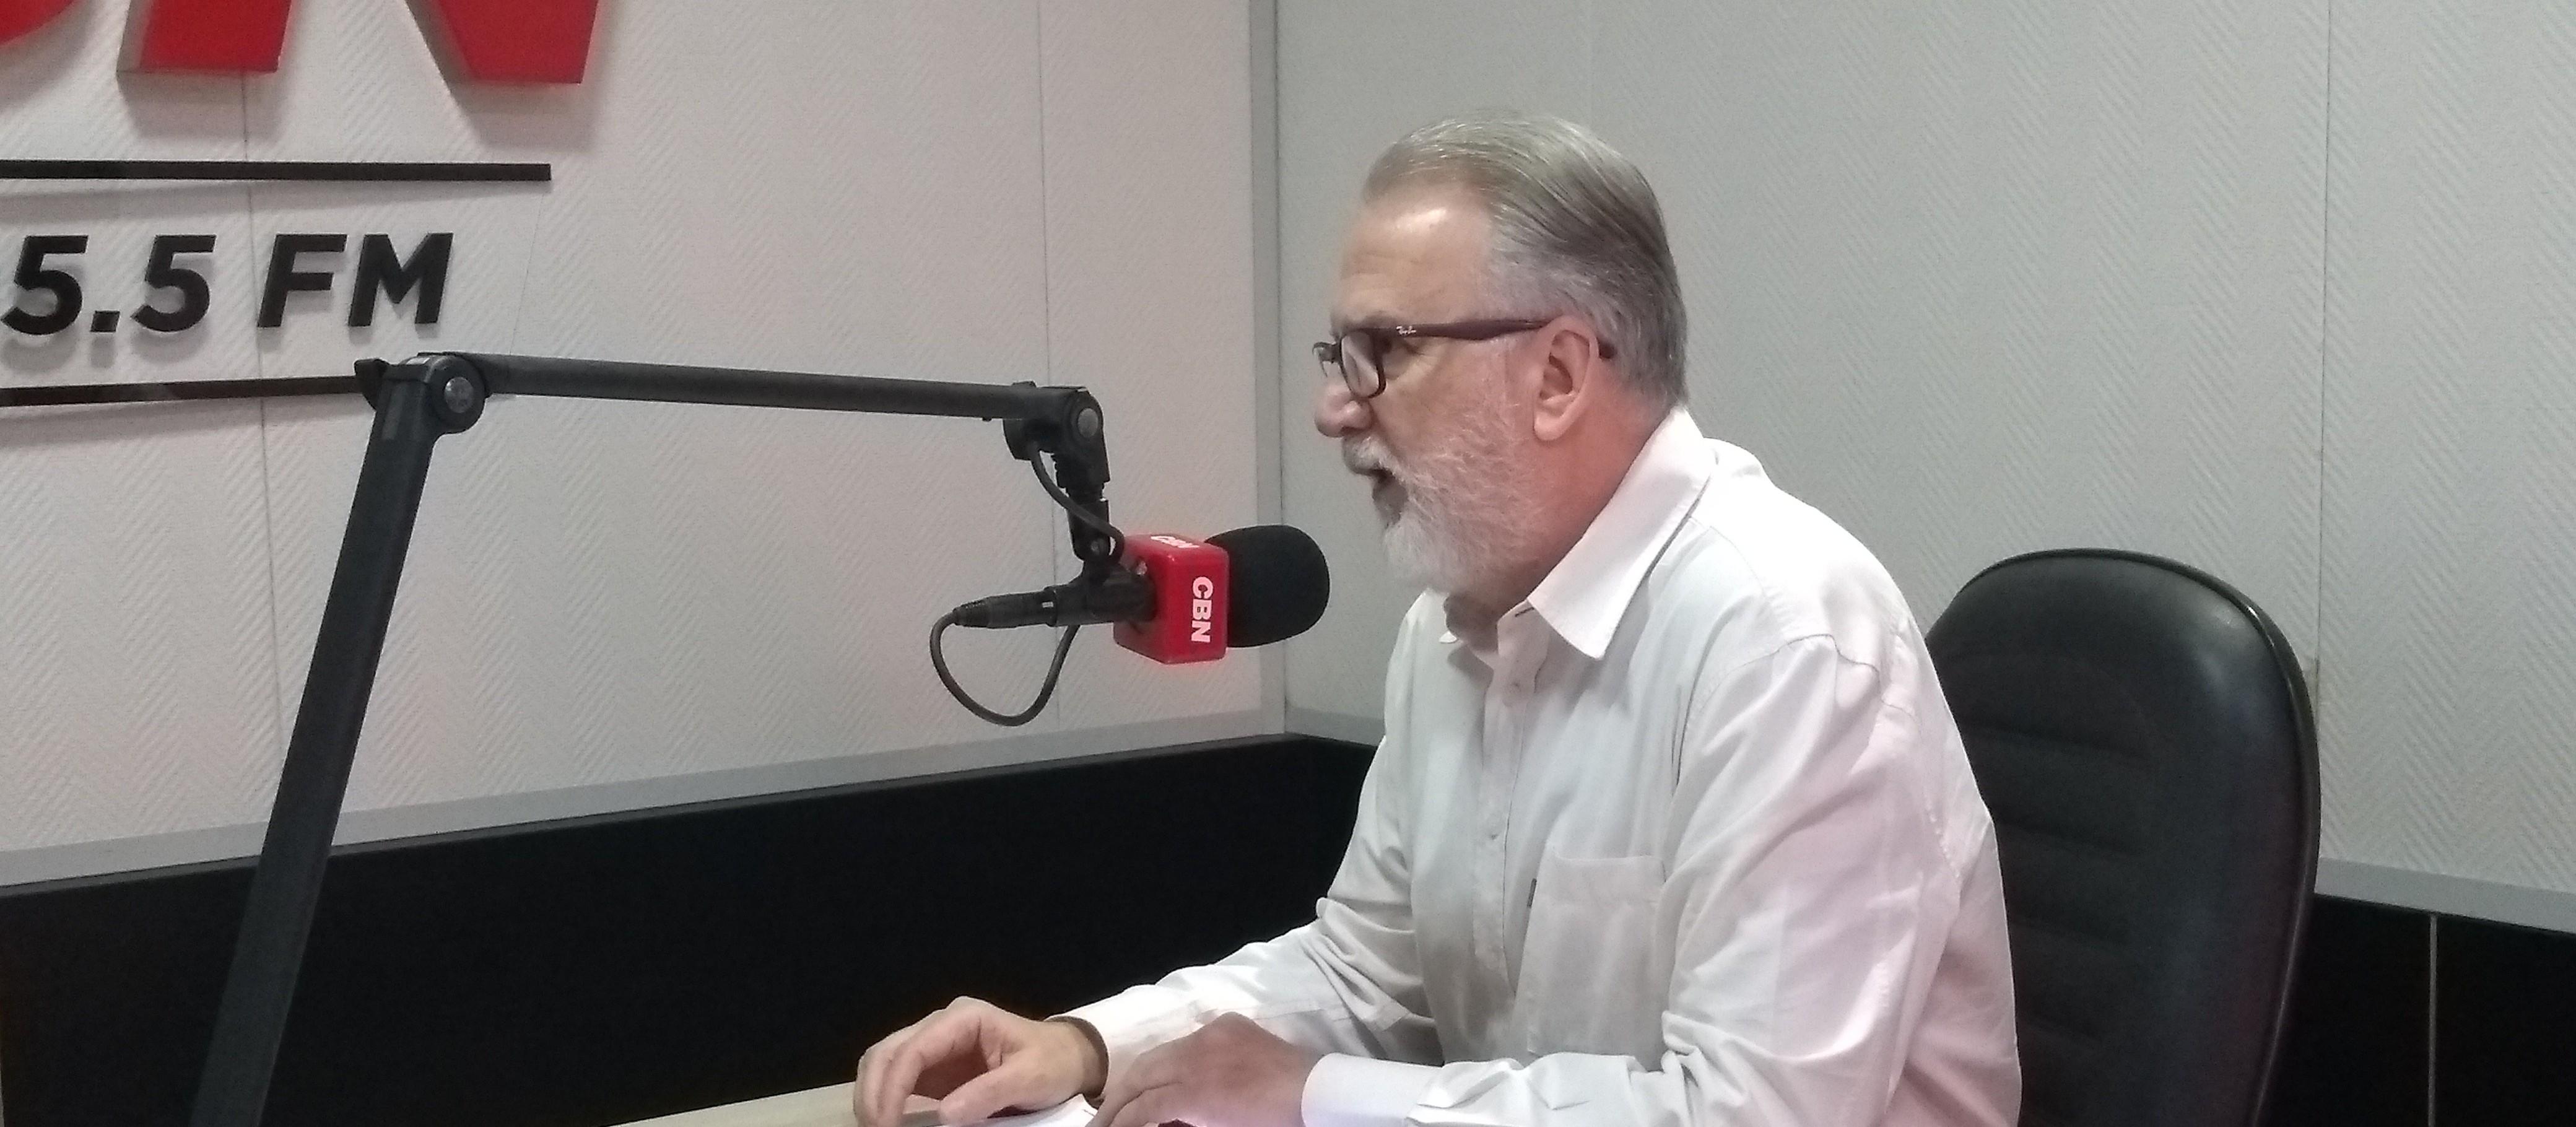 O que pedem os prefeitos na Marcha a Brasília?